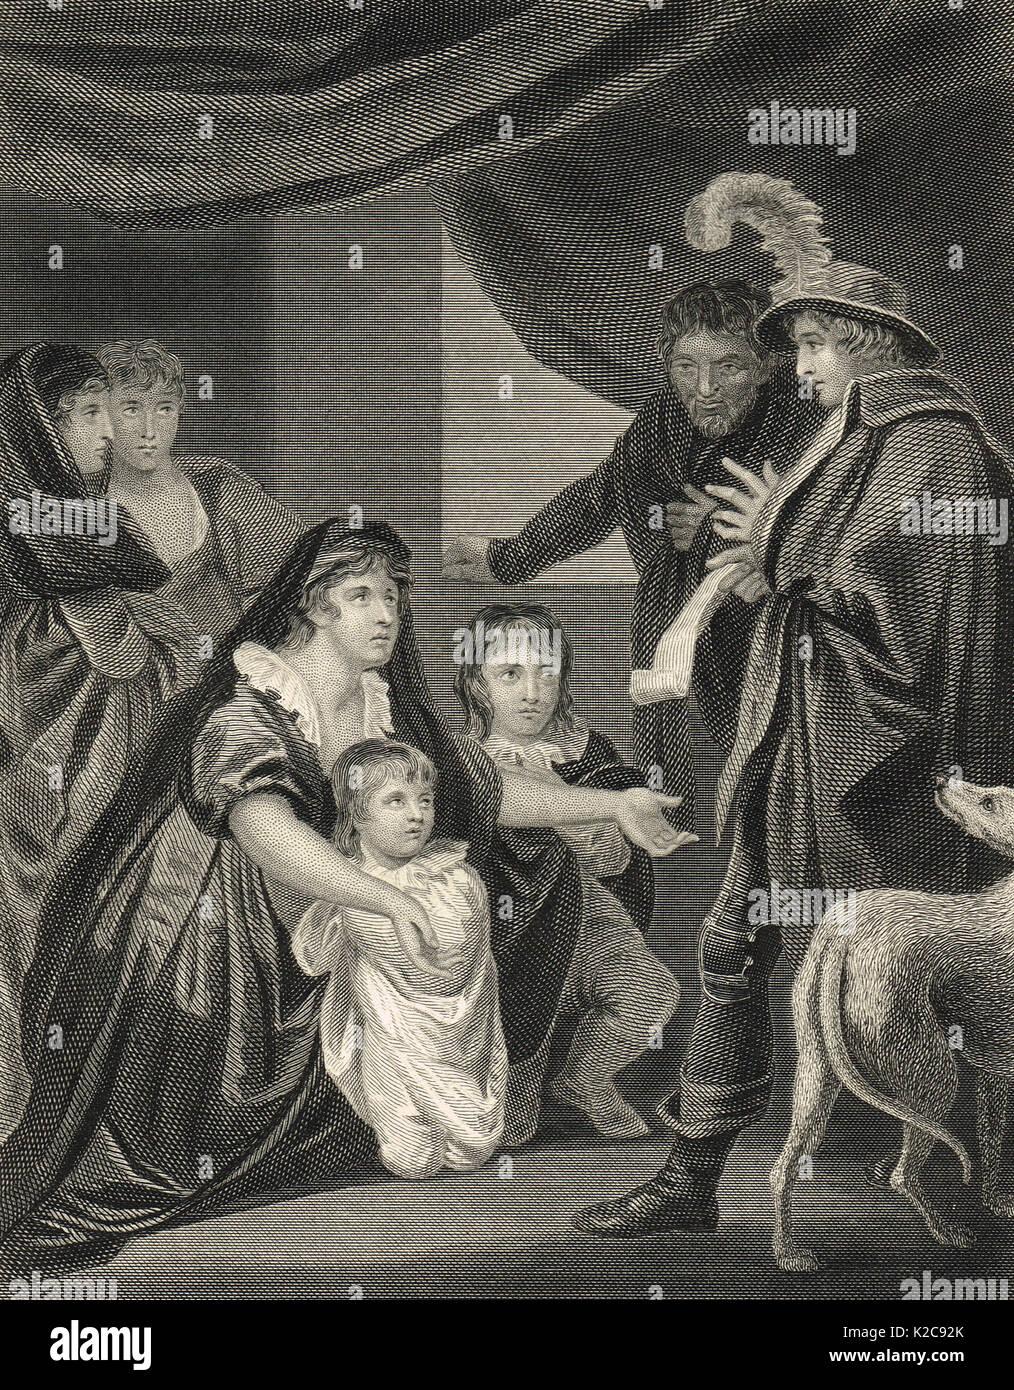 Lady Elizabeth Grey entreating Edward IV - Stock Image